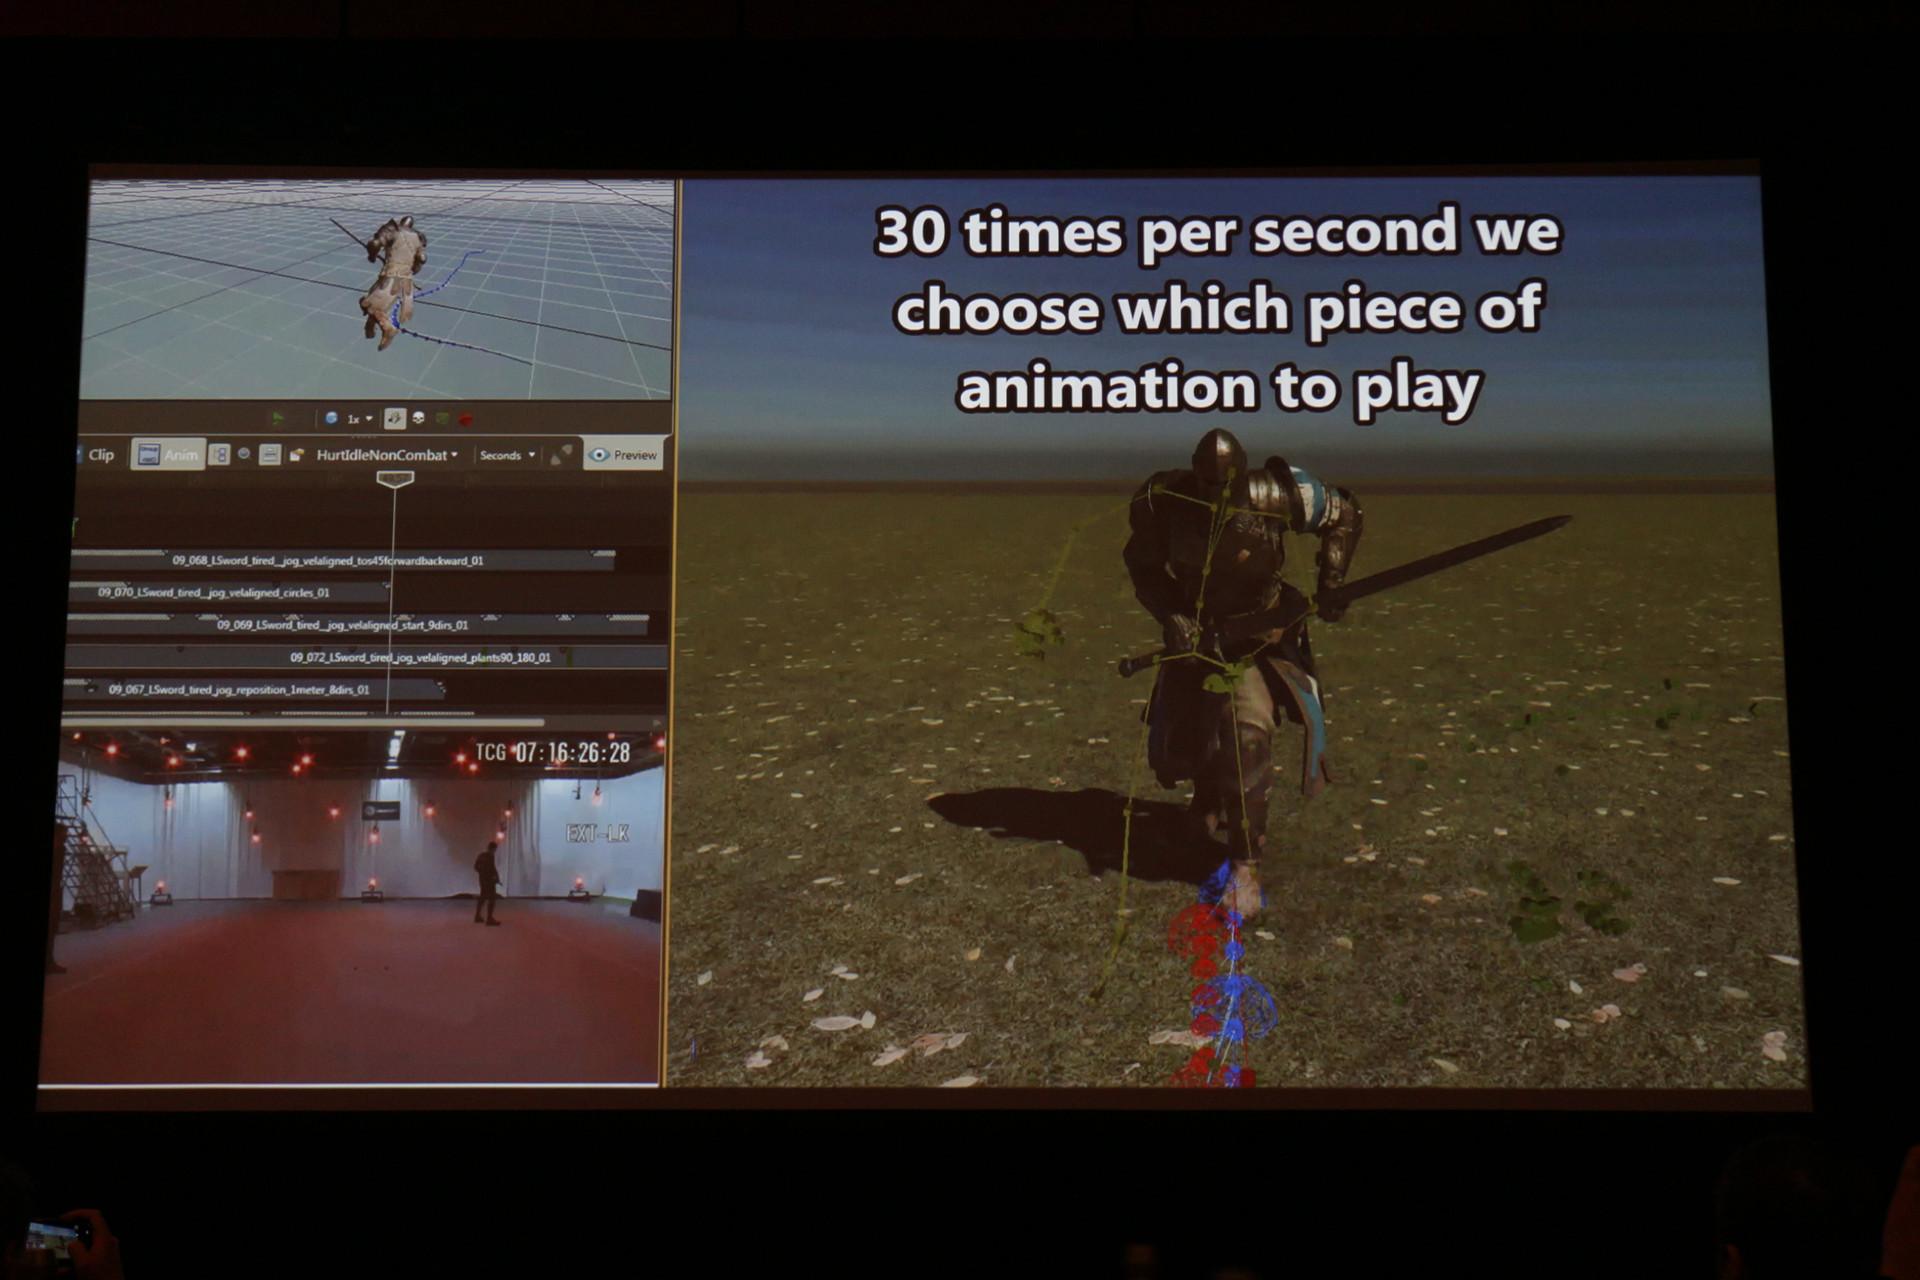 30分の1秒に1度、次のアニメーション片が検索される